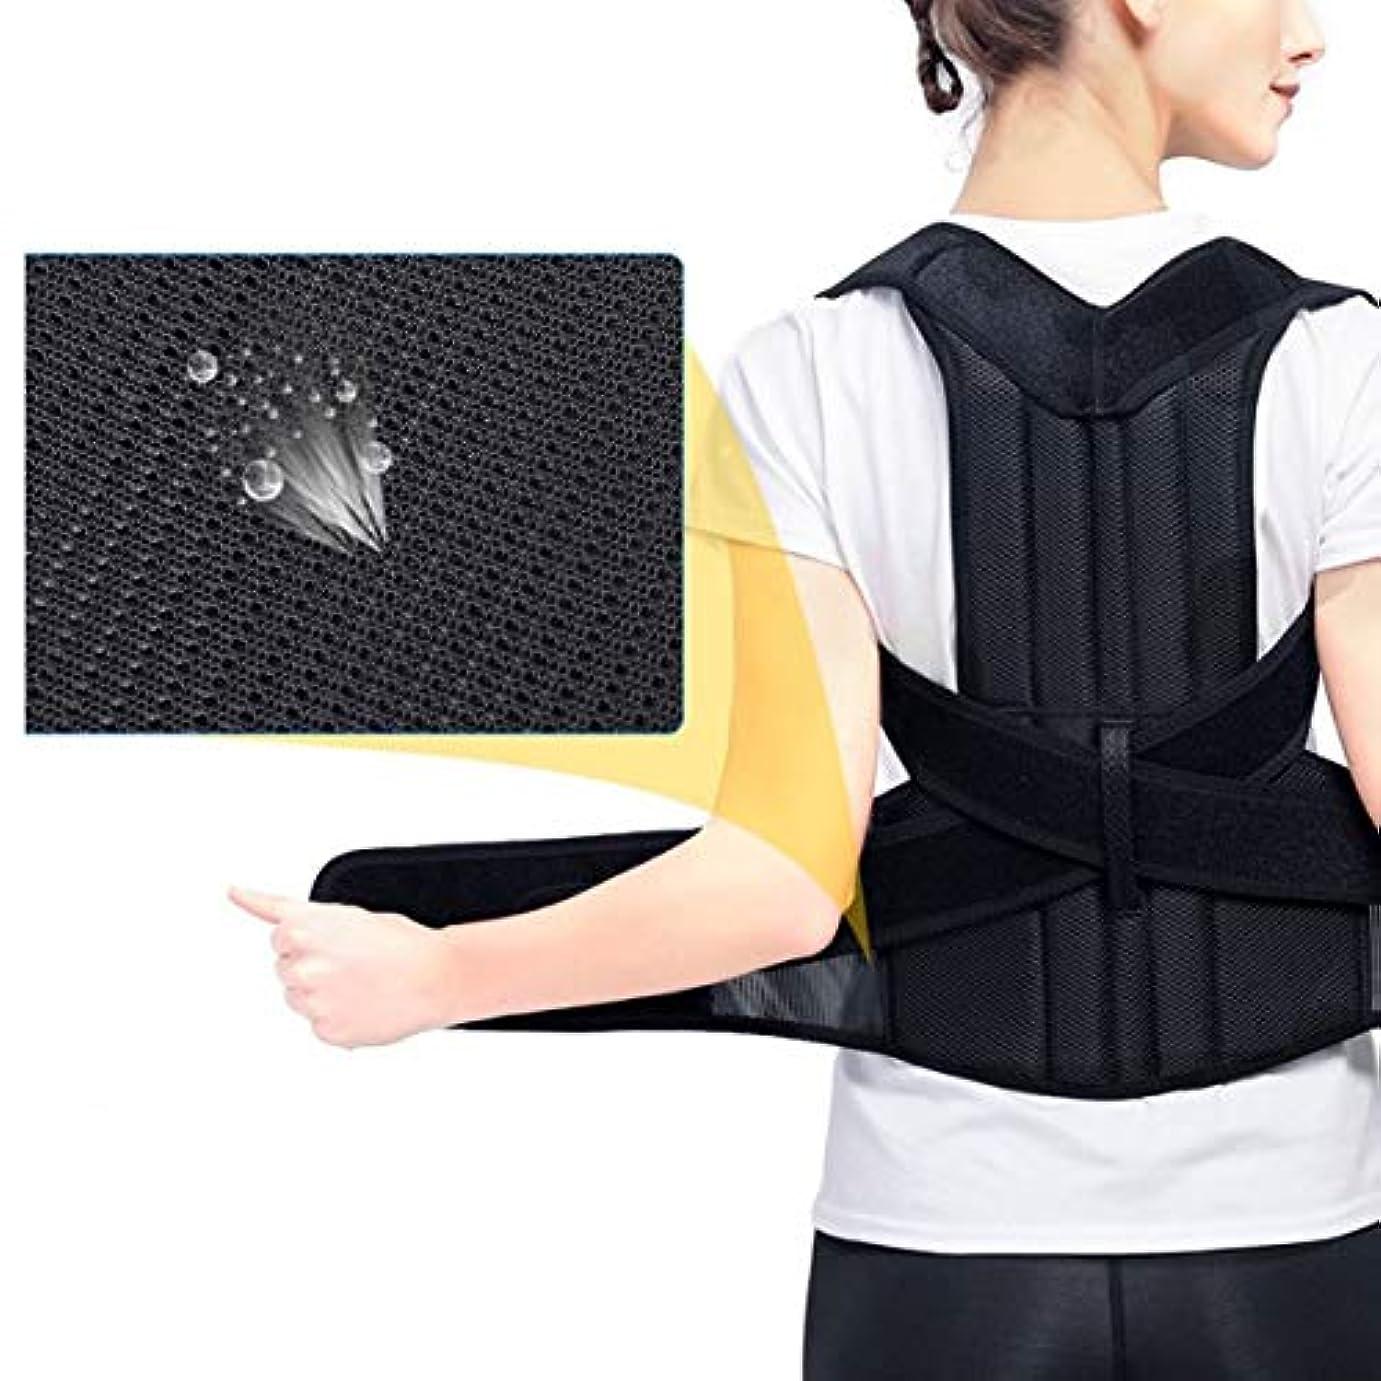 筋肉の宿命アプライアンス腰椎矯正バックブレース背骨装具側弯症腰椎サポート脊椎湾曲装具固定用姿勢 - 黒